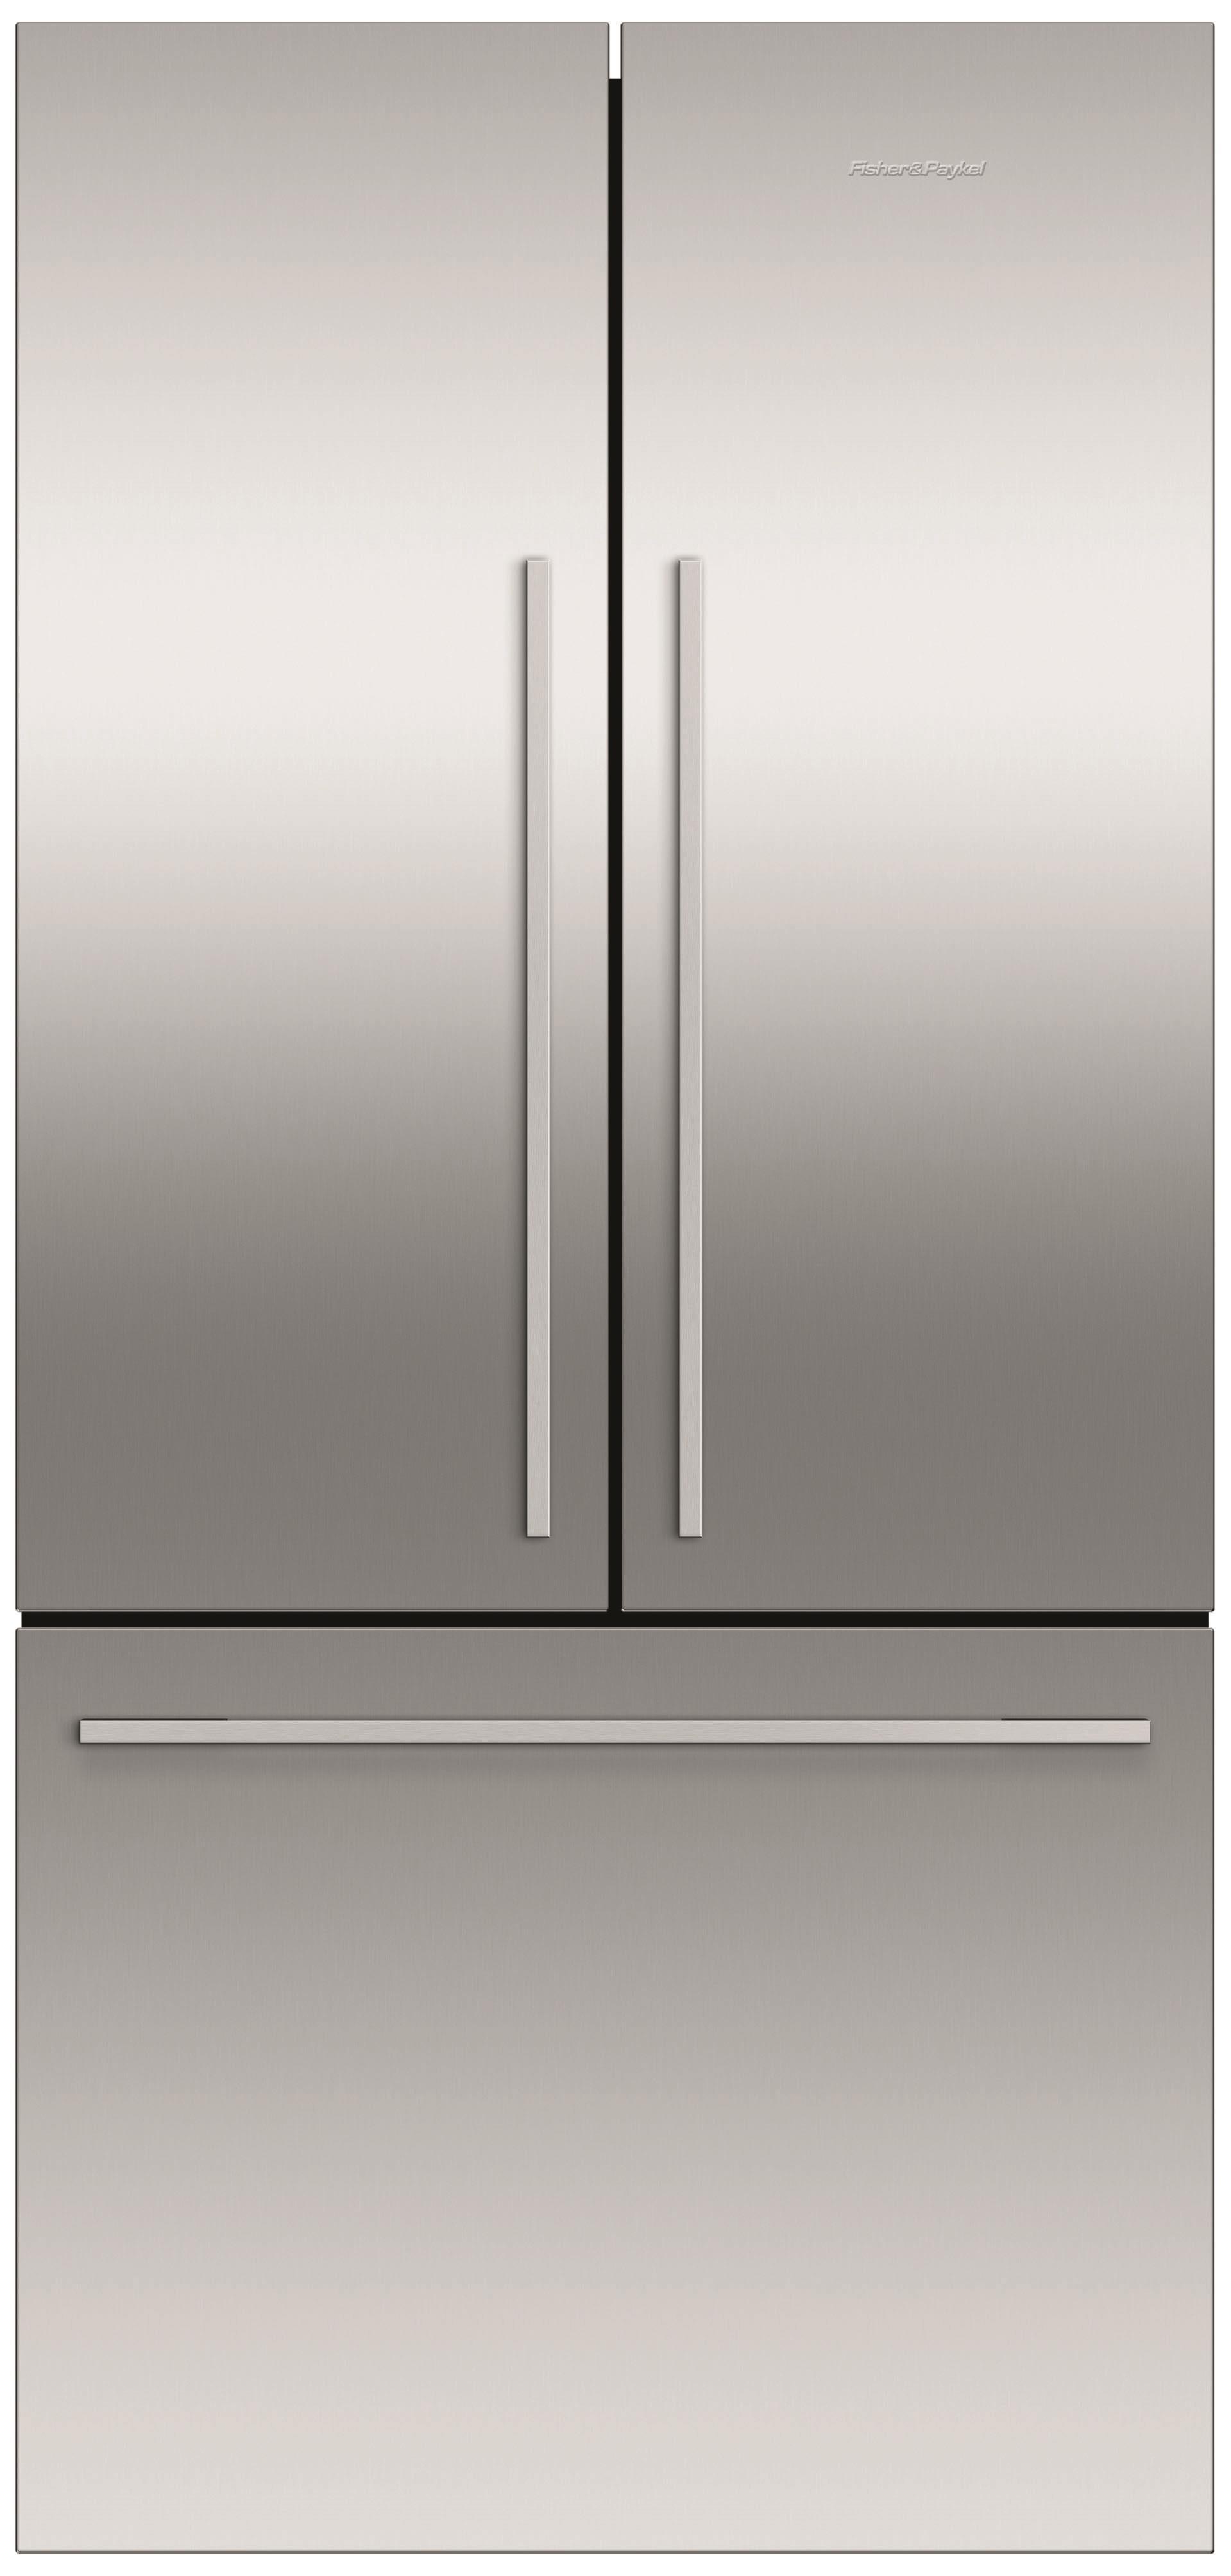 fisher u0026 paykel activesmart rf522adjx5 519l french door fridge ssteel